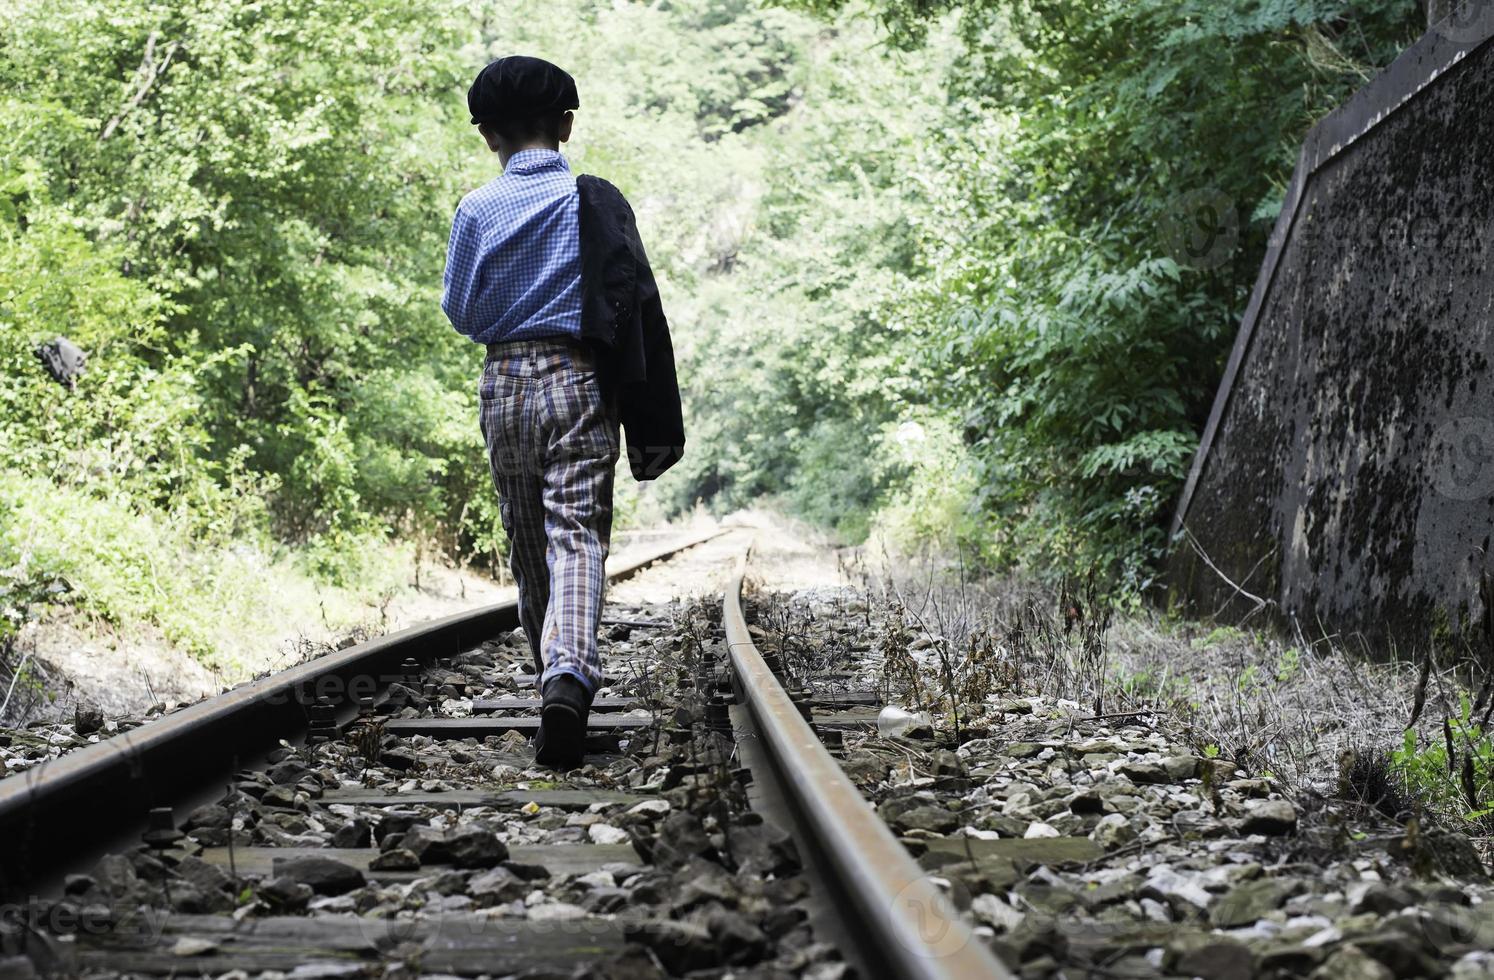 Drama unui copil care a ajuns în orfelinat, deși vrea să trăiască în continuare alături de străbunicul său: a luat-o la pas pe calea ferată pentru a se întoarce acasă